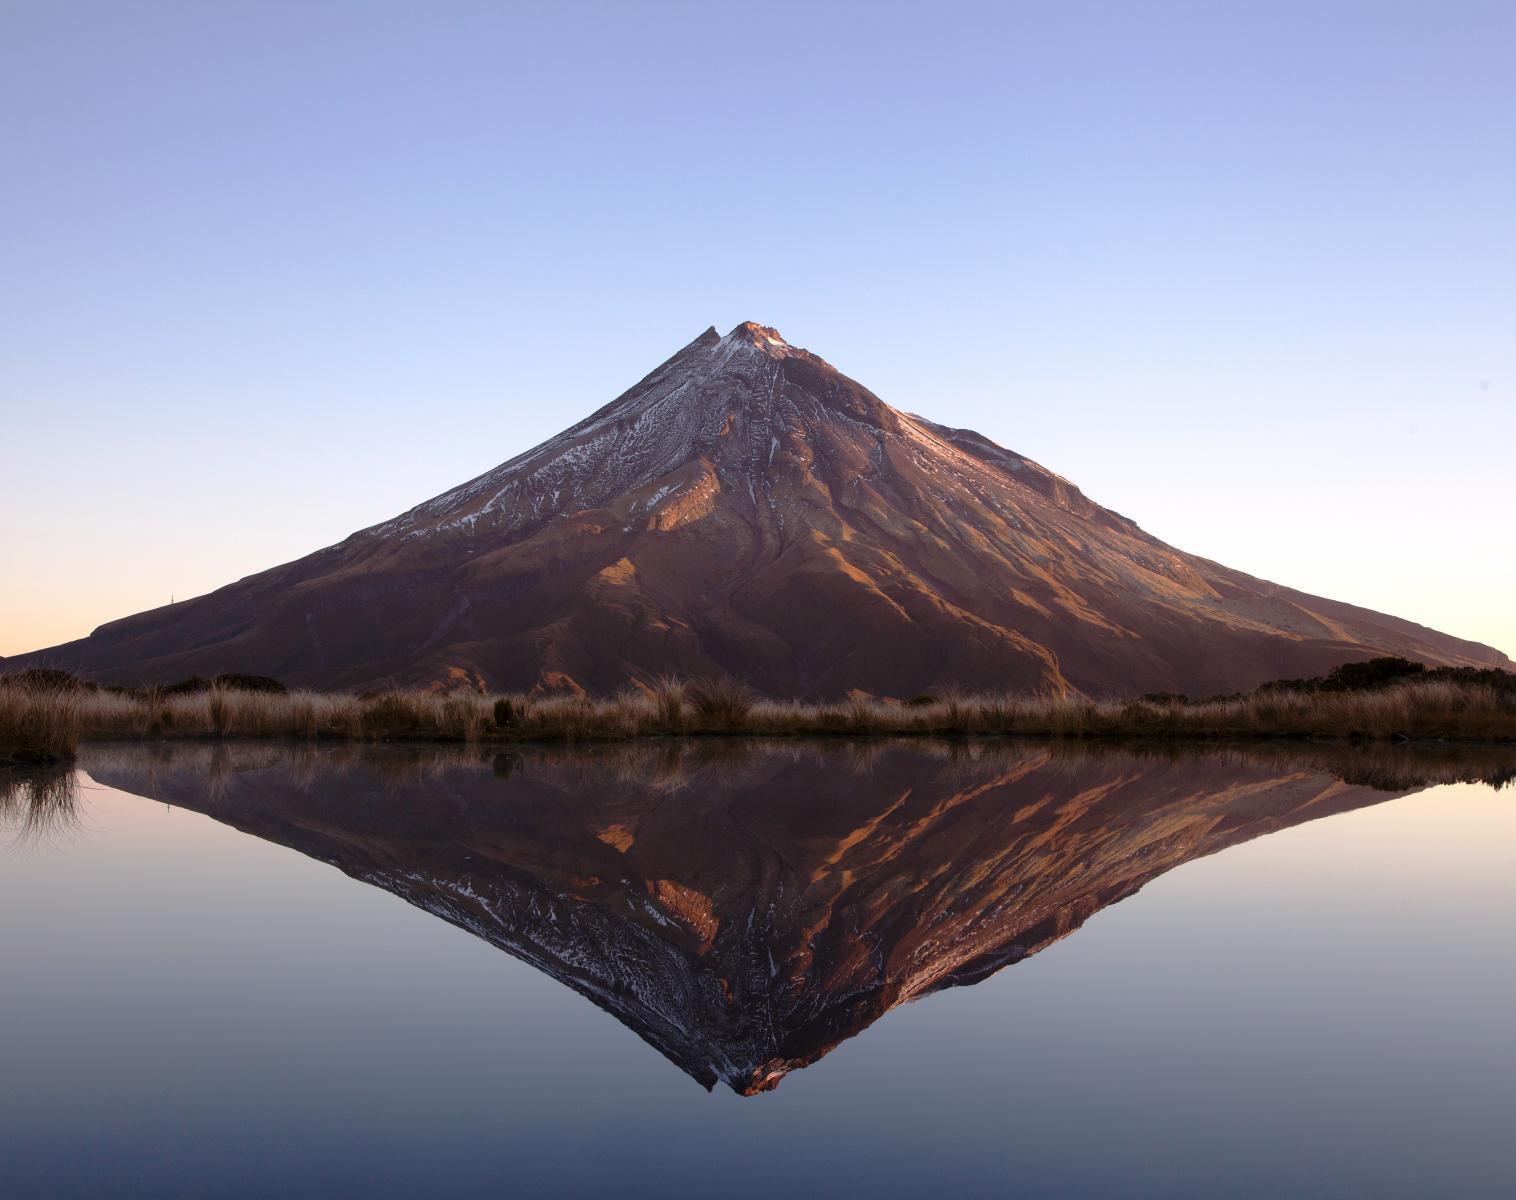 Nouvelle Zélande  Nouvelle Zélande, Voyage aux antipodes   Observation nature Balade nature Rencontres et cultures du Monde